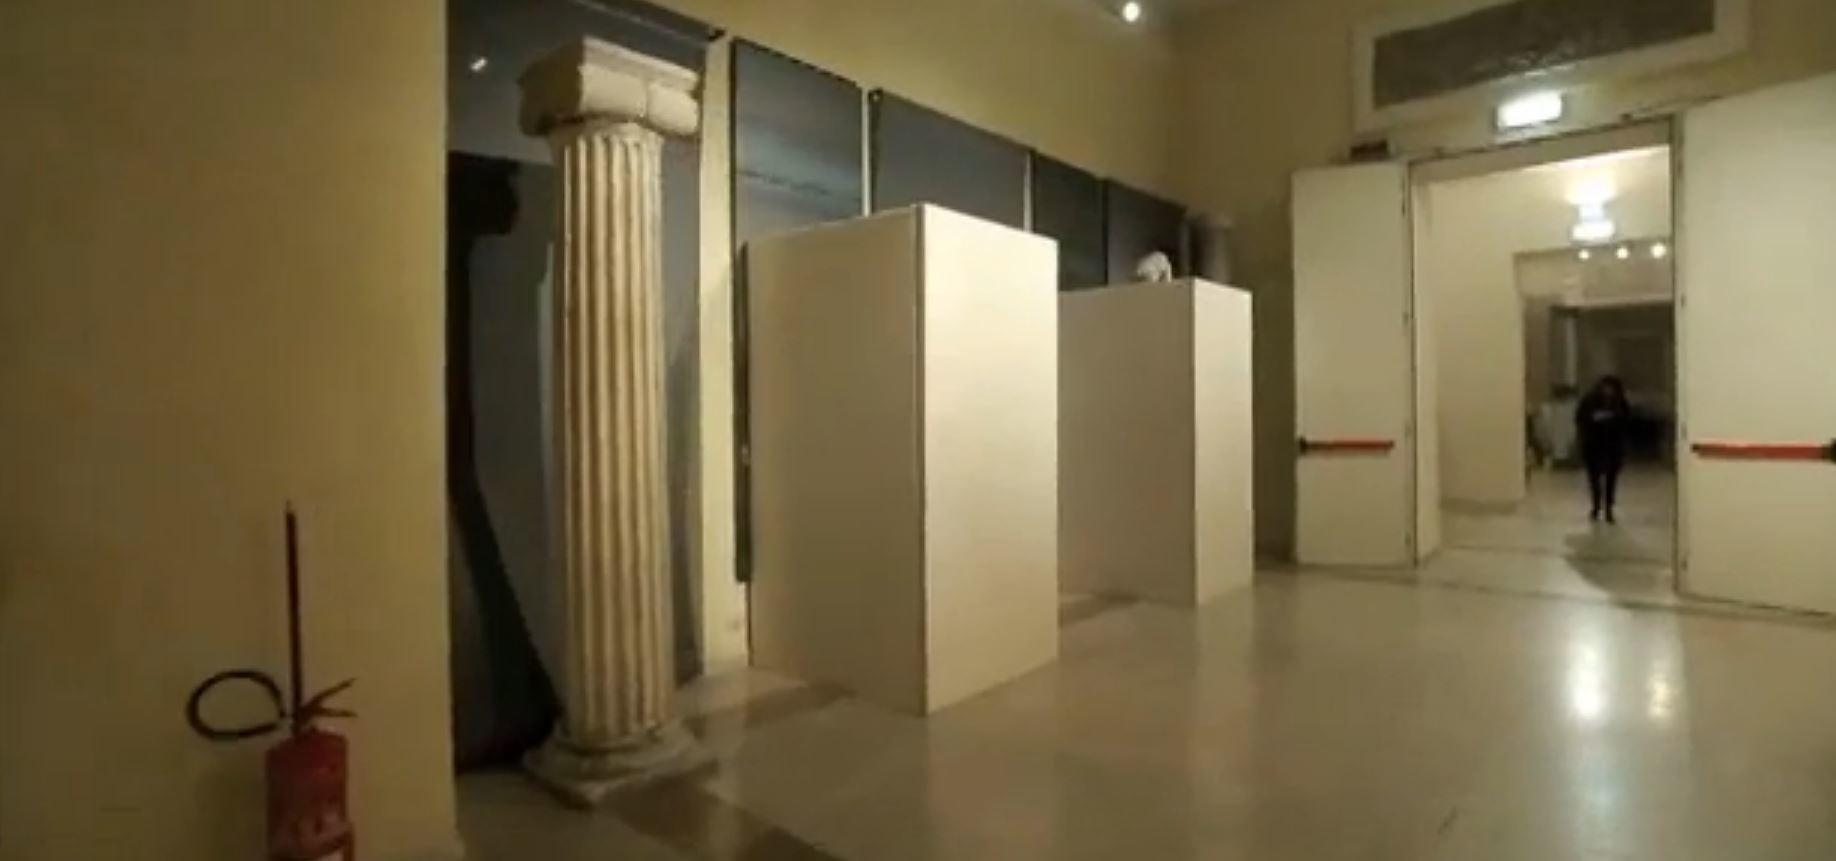 Quand Rohani est au musée de Rome, les statues de nus sont bien cachées